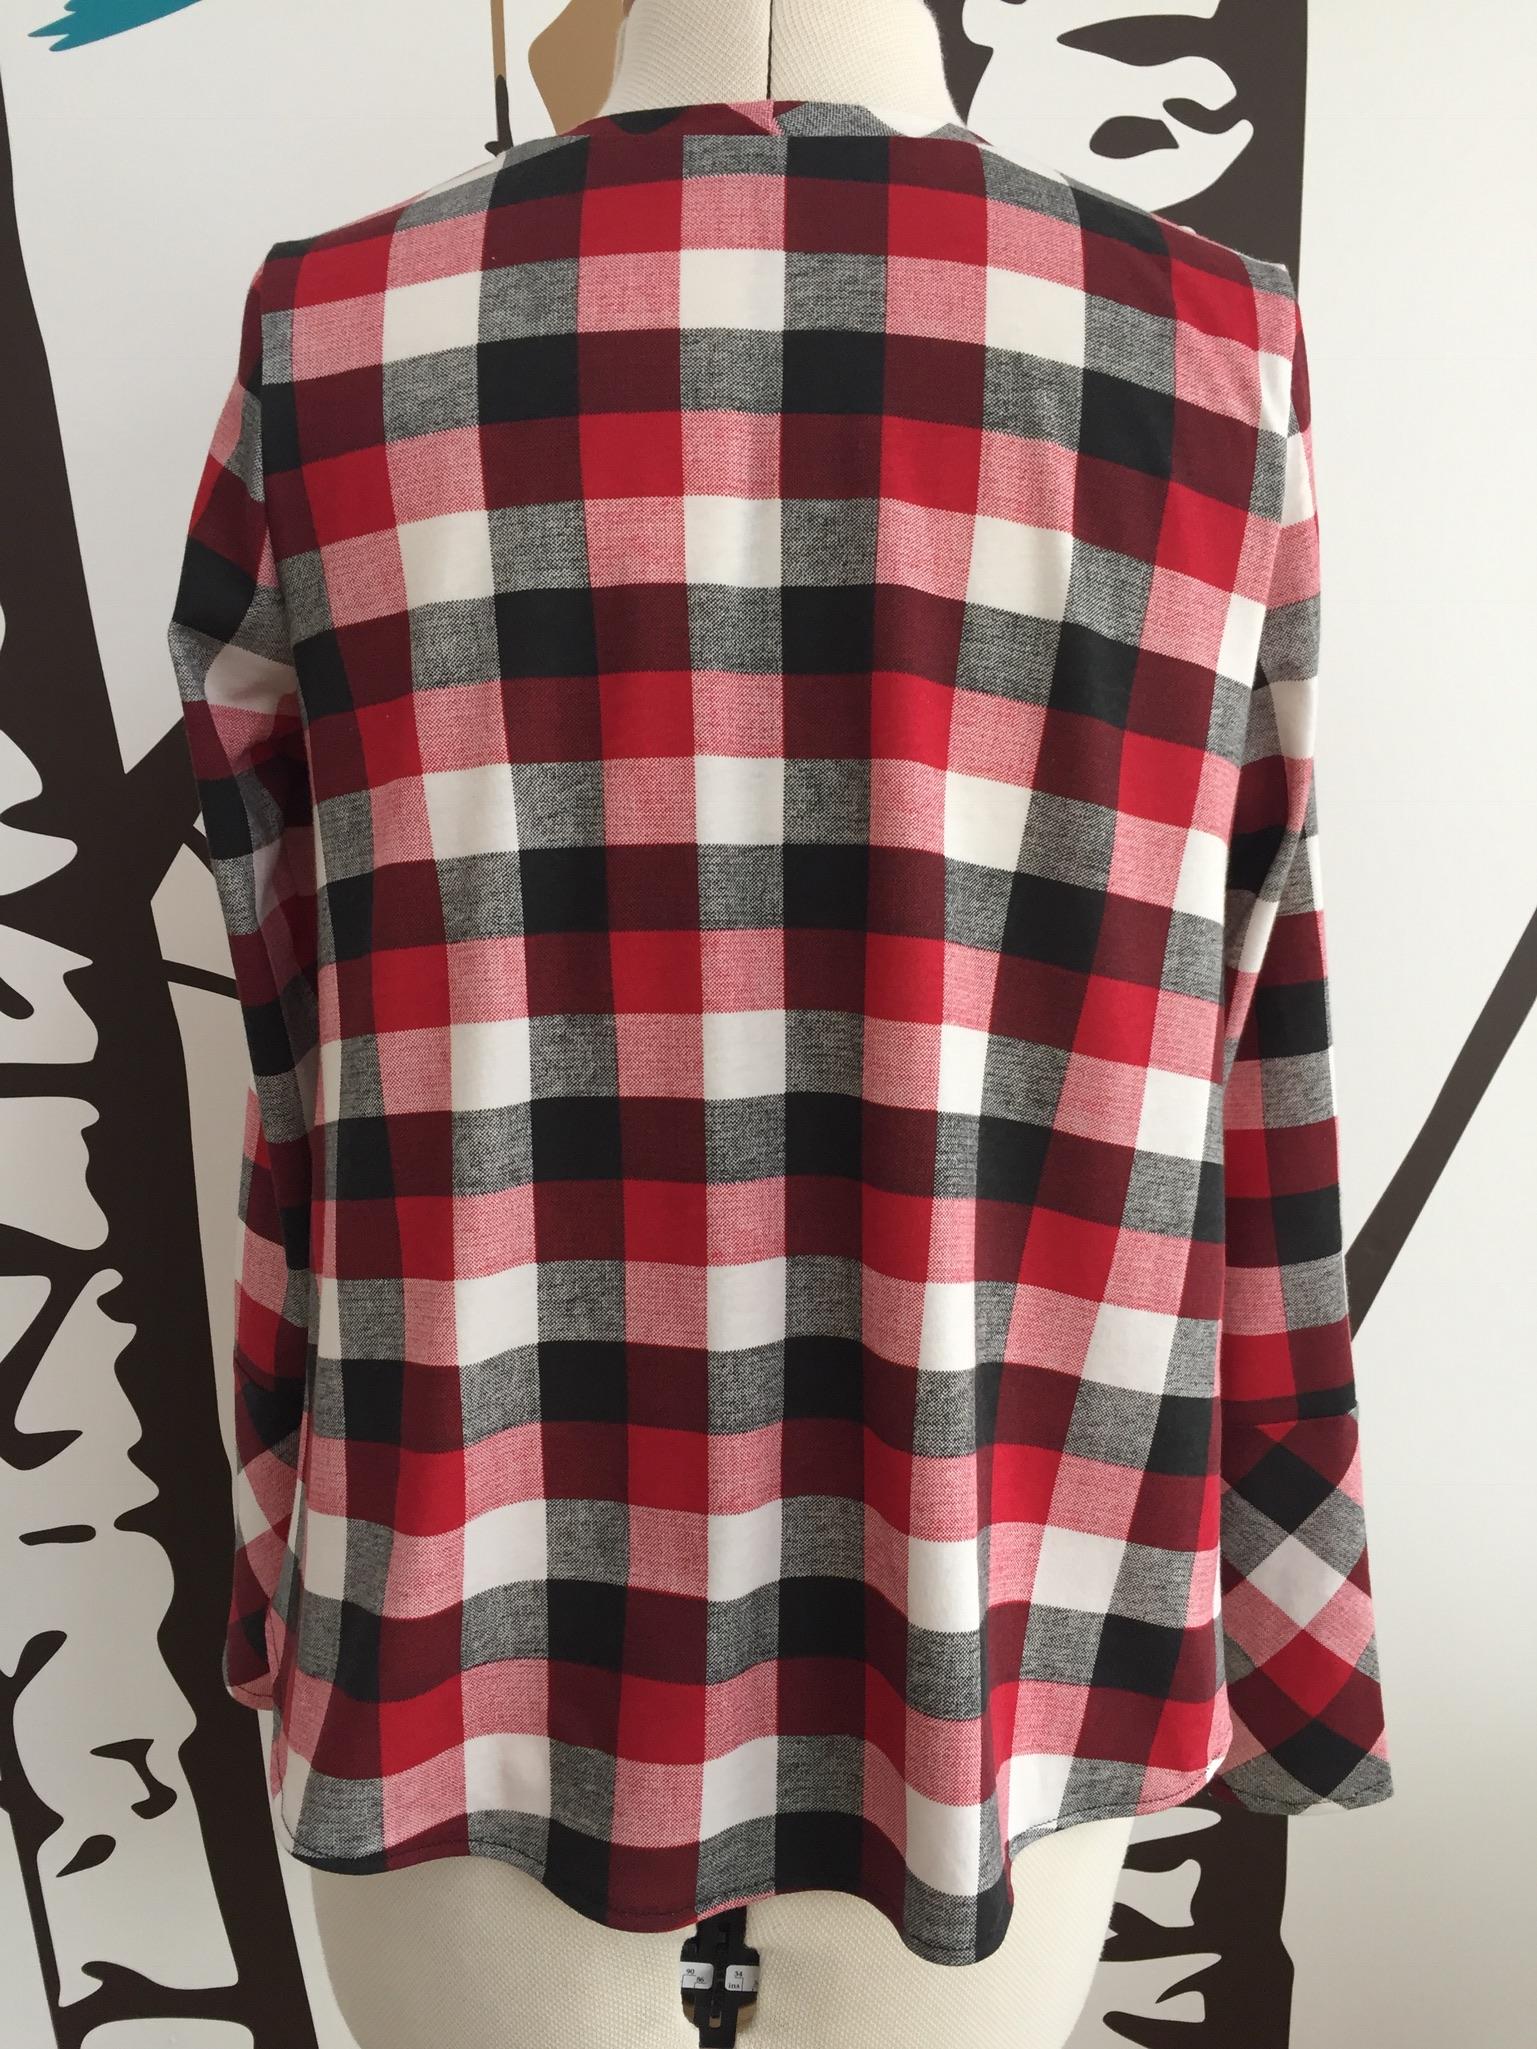 Closet Case Ebony dress and tee